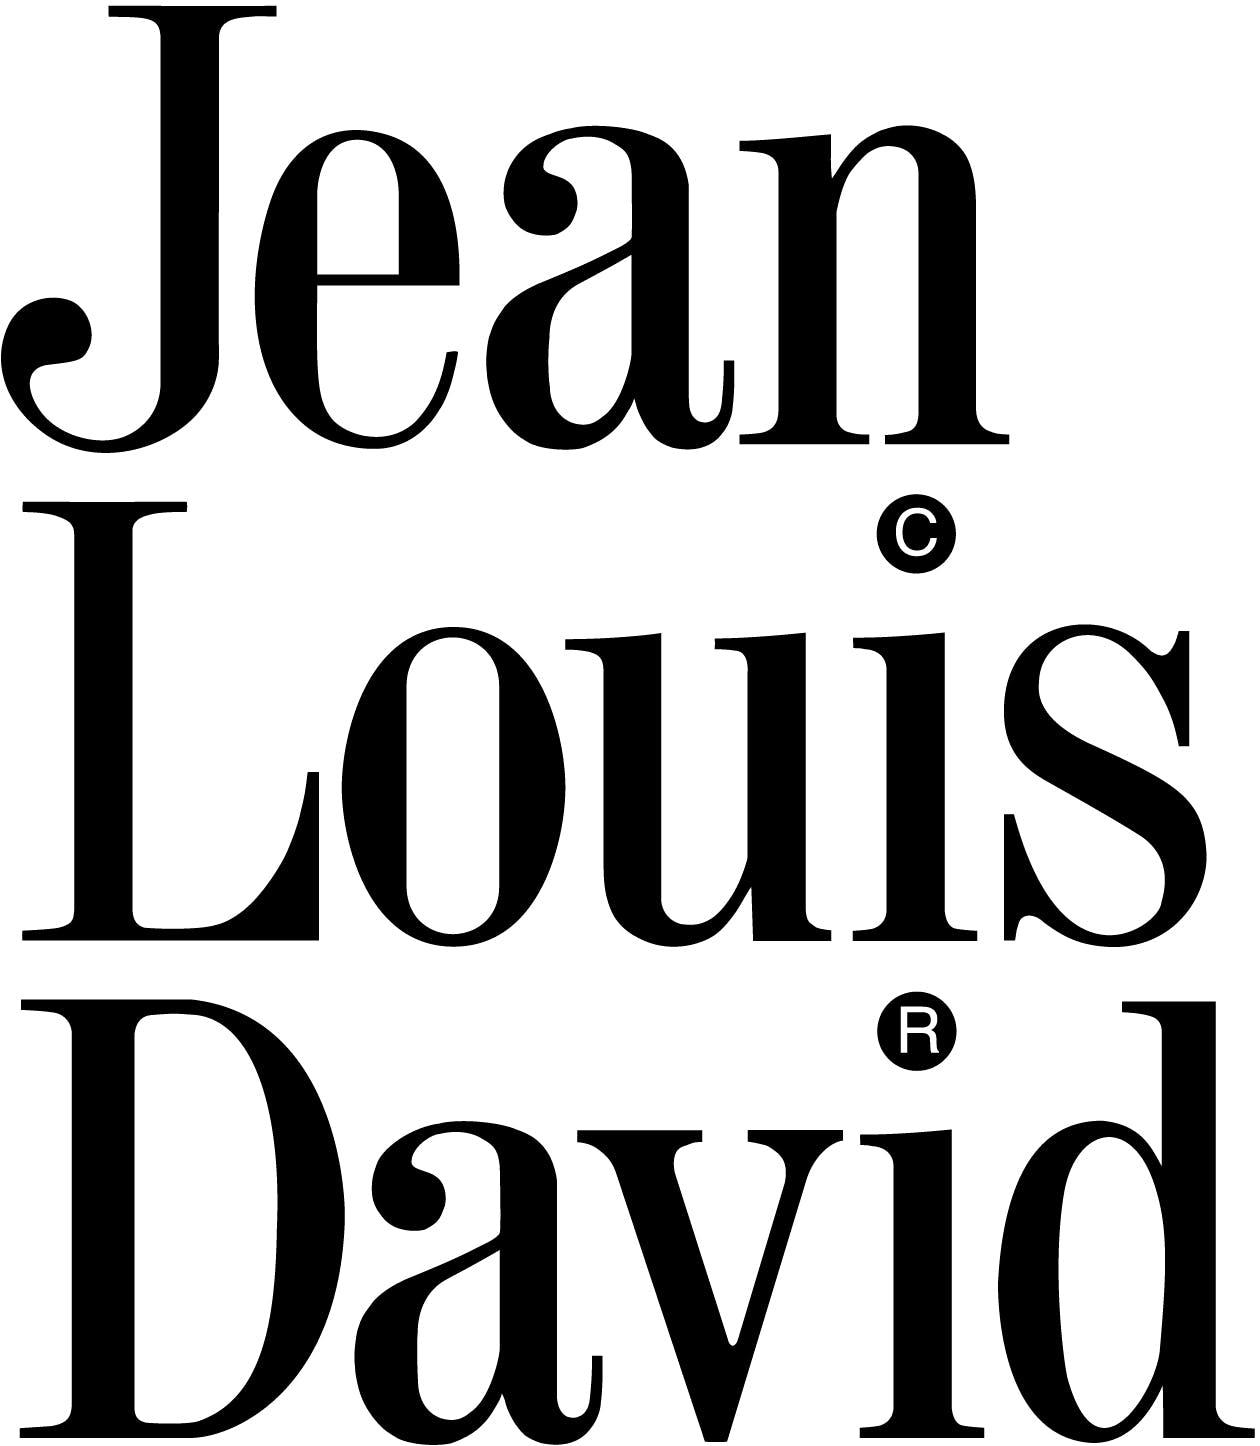 Jean L David Vertical